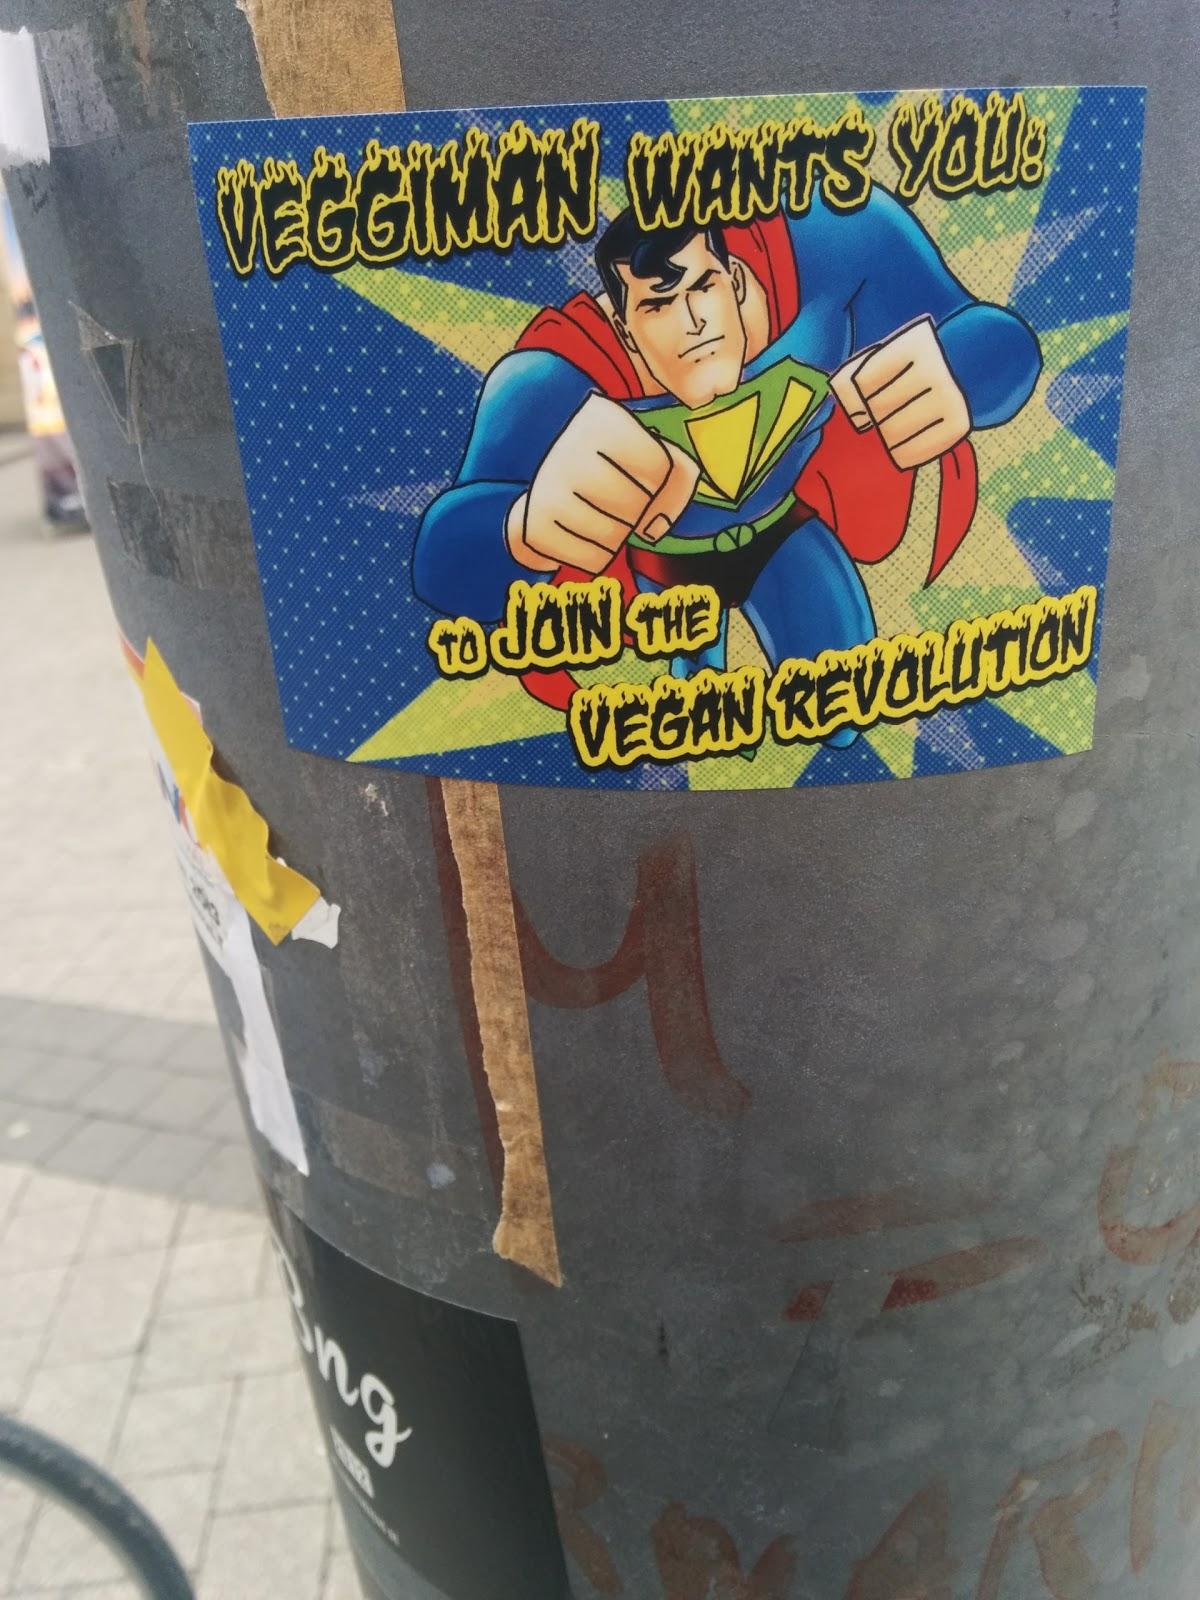 Veggiman Wants You